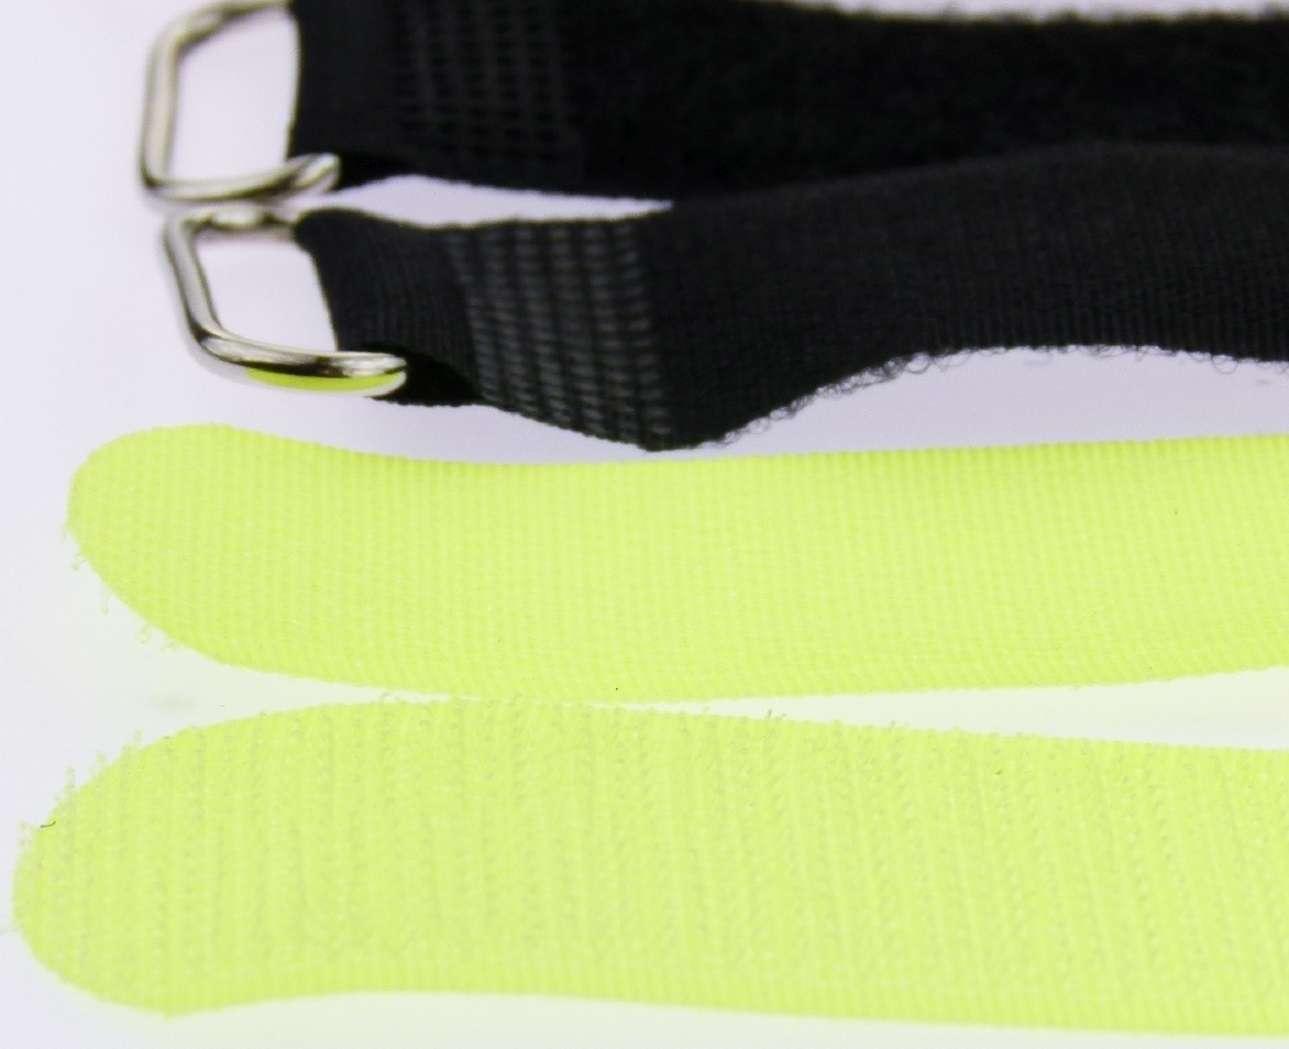 30 x Klettband Kabelbinder 30 cm x 25 mm gelb Klettbänder Kabelklett Metallöse